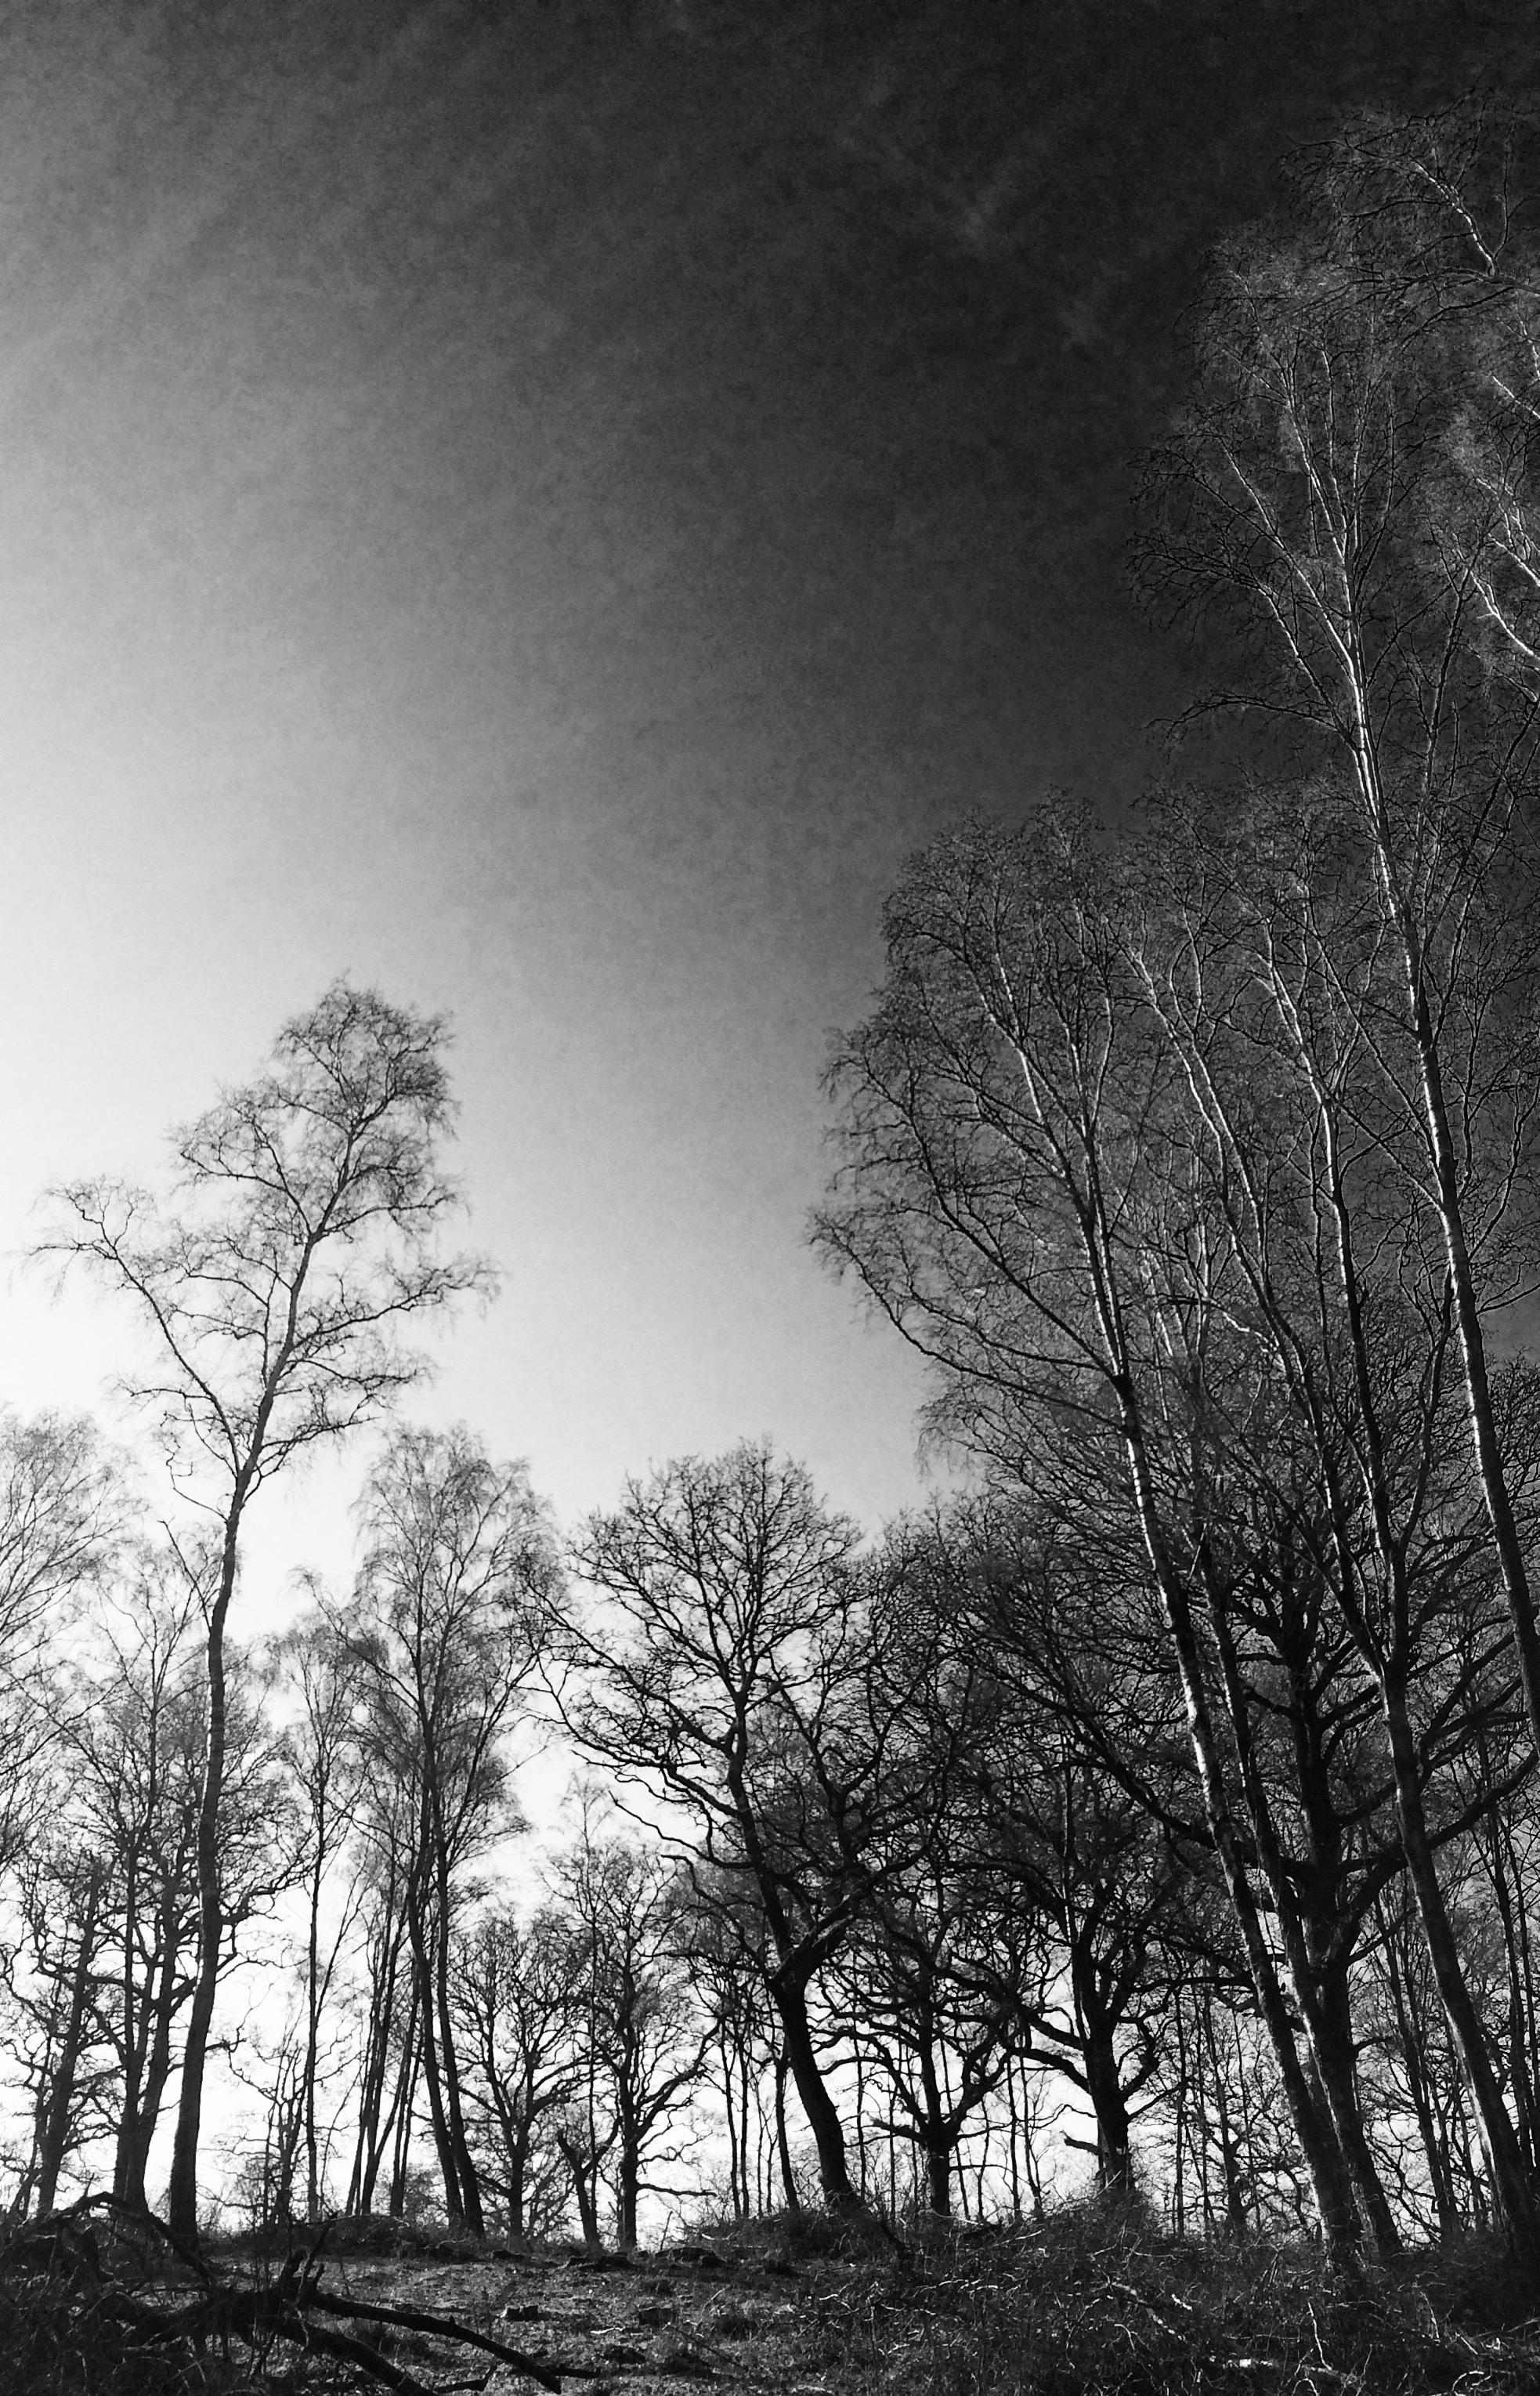 photo-SQS_DK_lazercake_0141.jpg